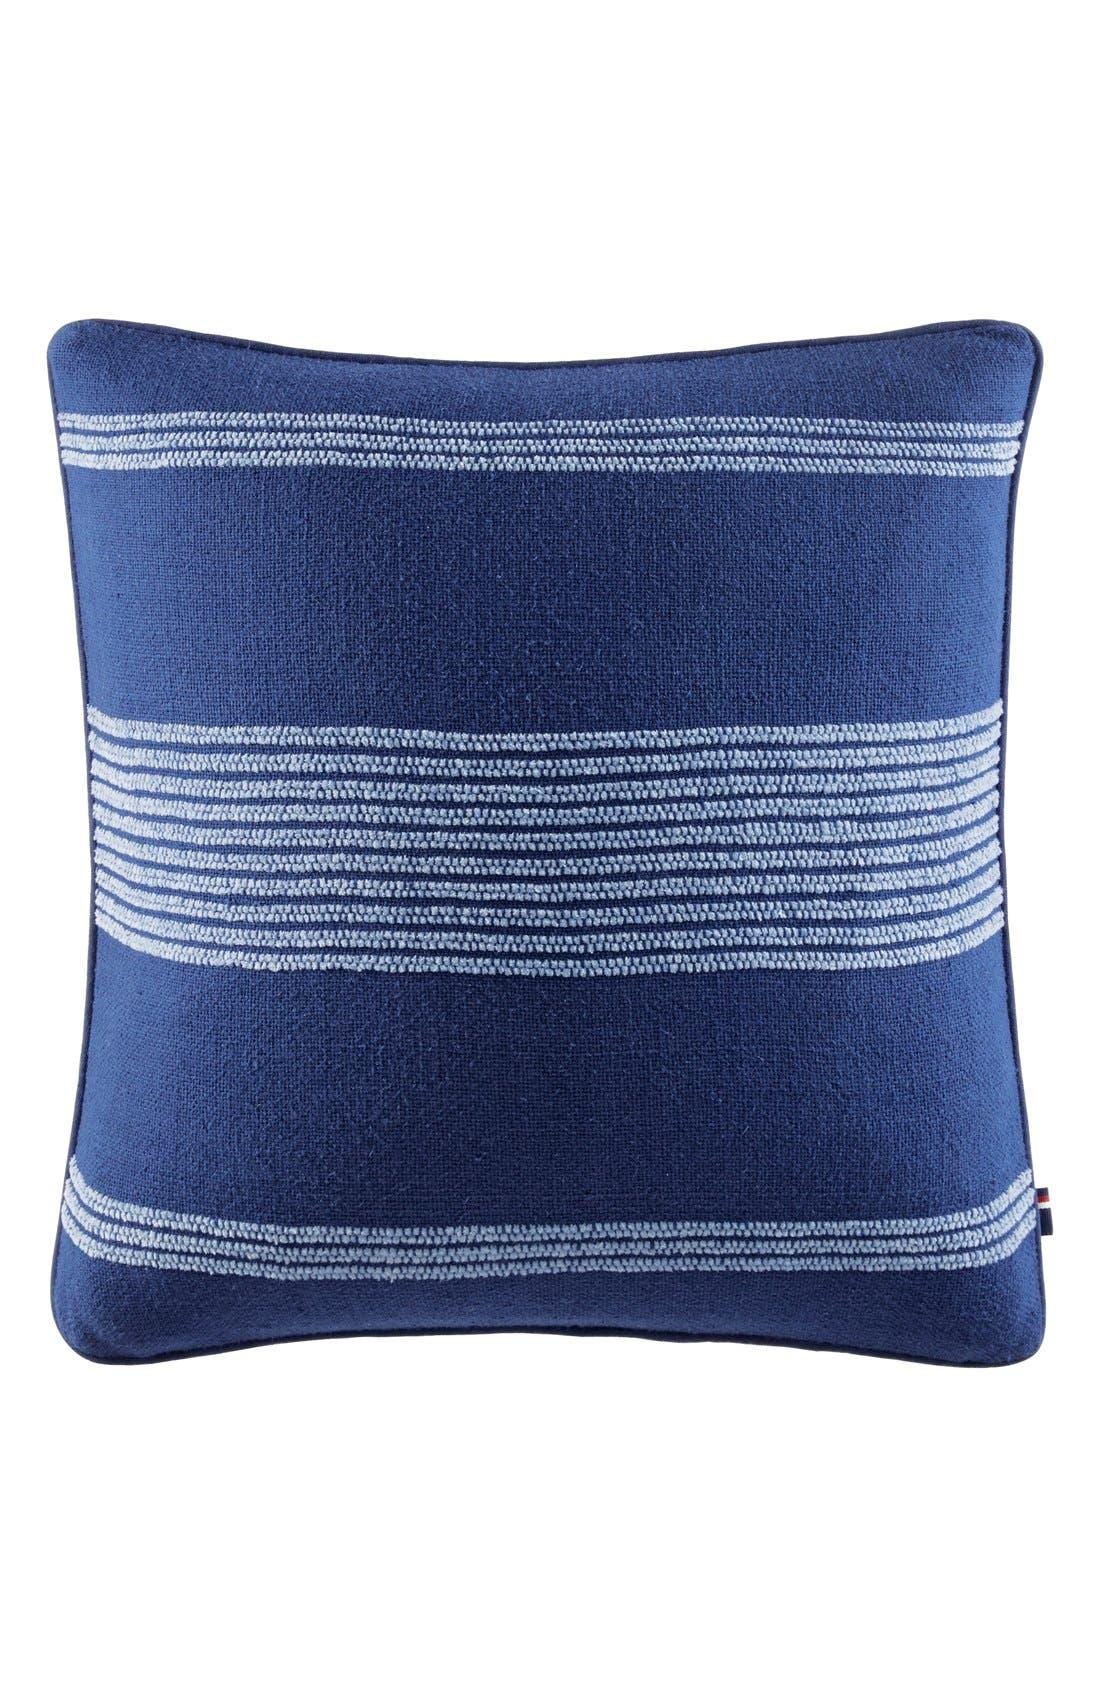 Pacific Horizon Accent Pillow,                         Main,                         color, Blue